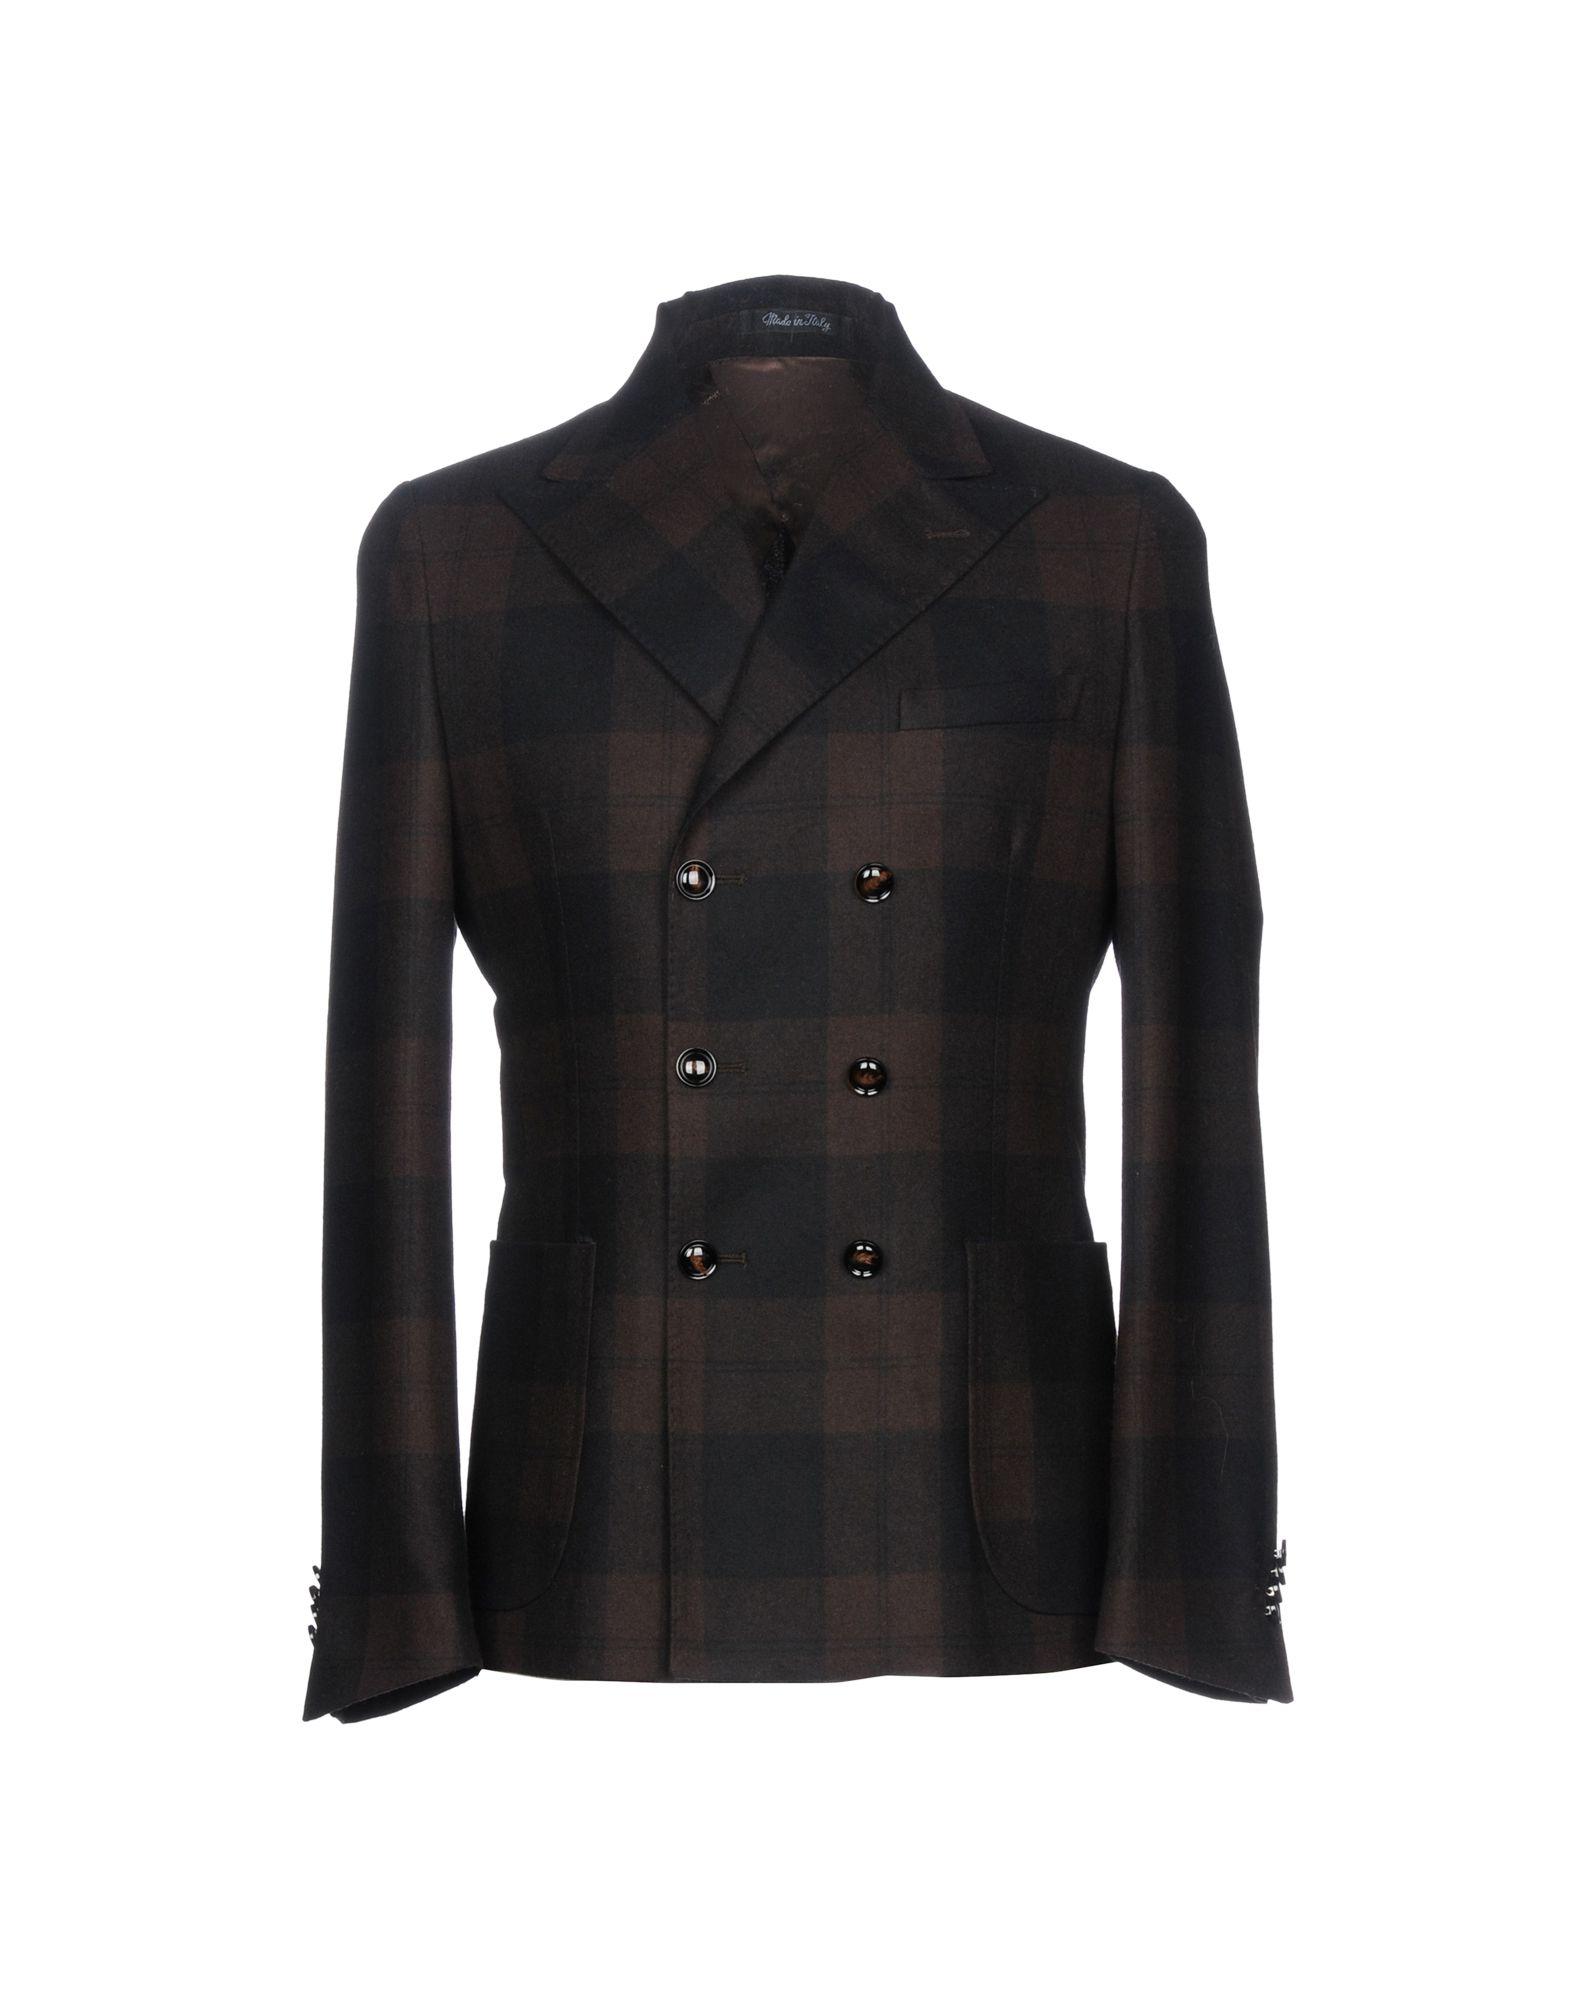 TAKESHY KUROSAWA Blazer - Suits and Blazers | YOOX COM